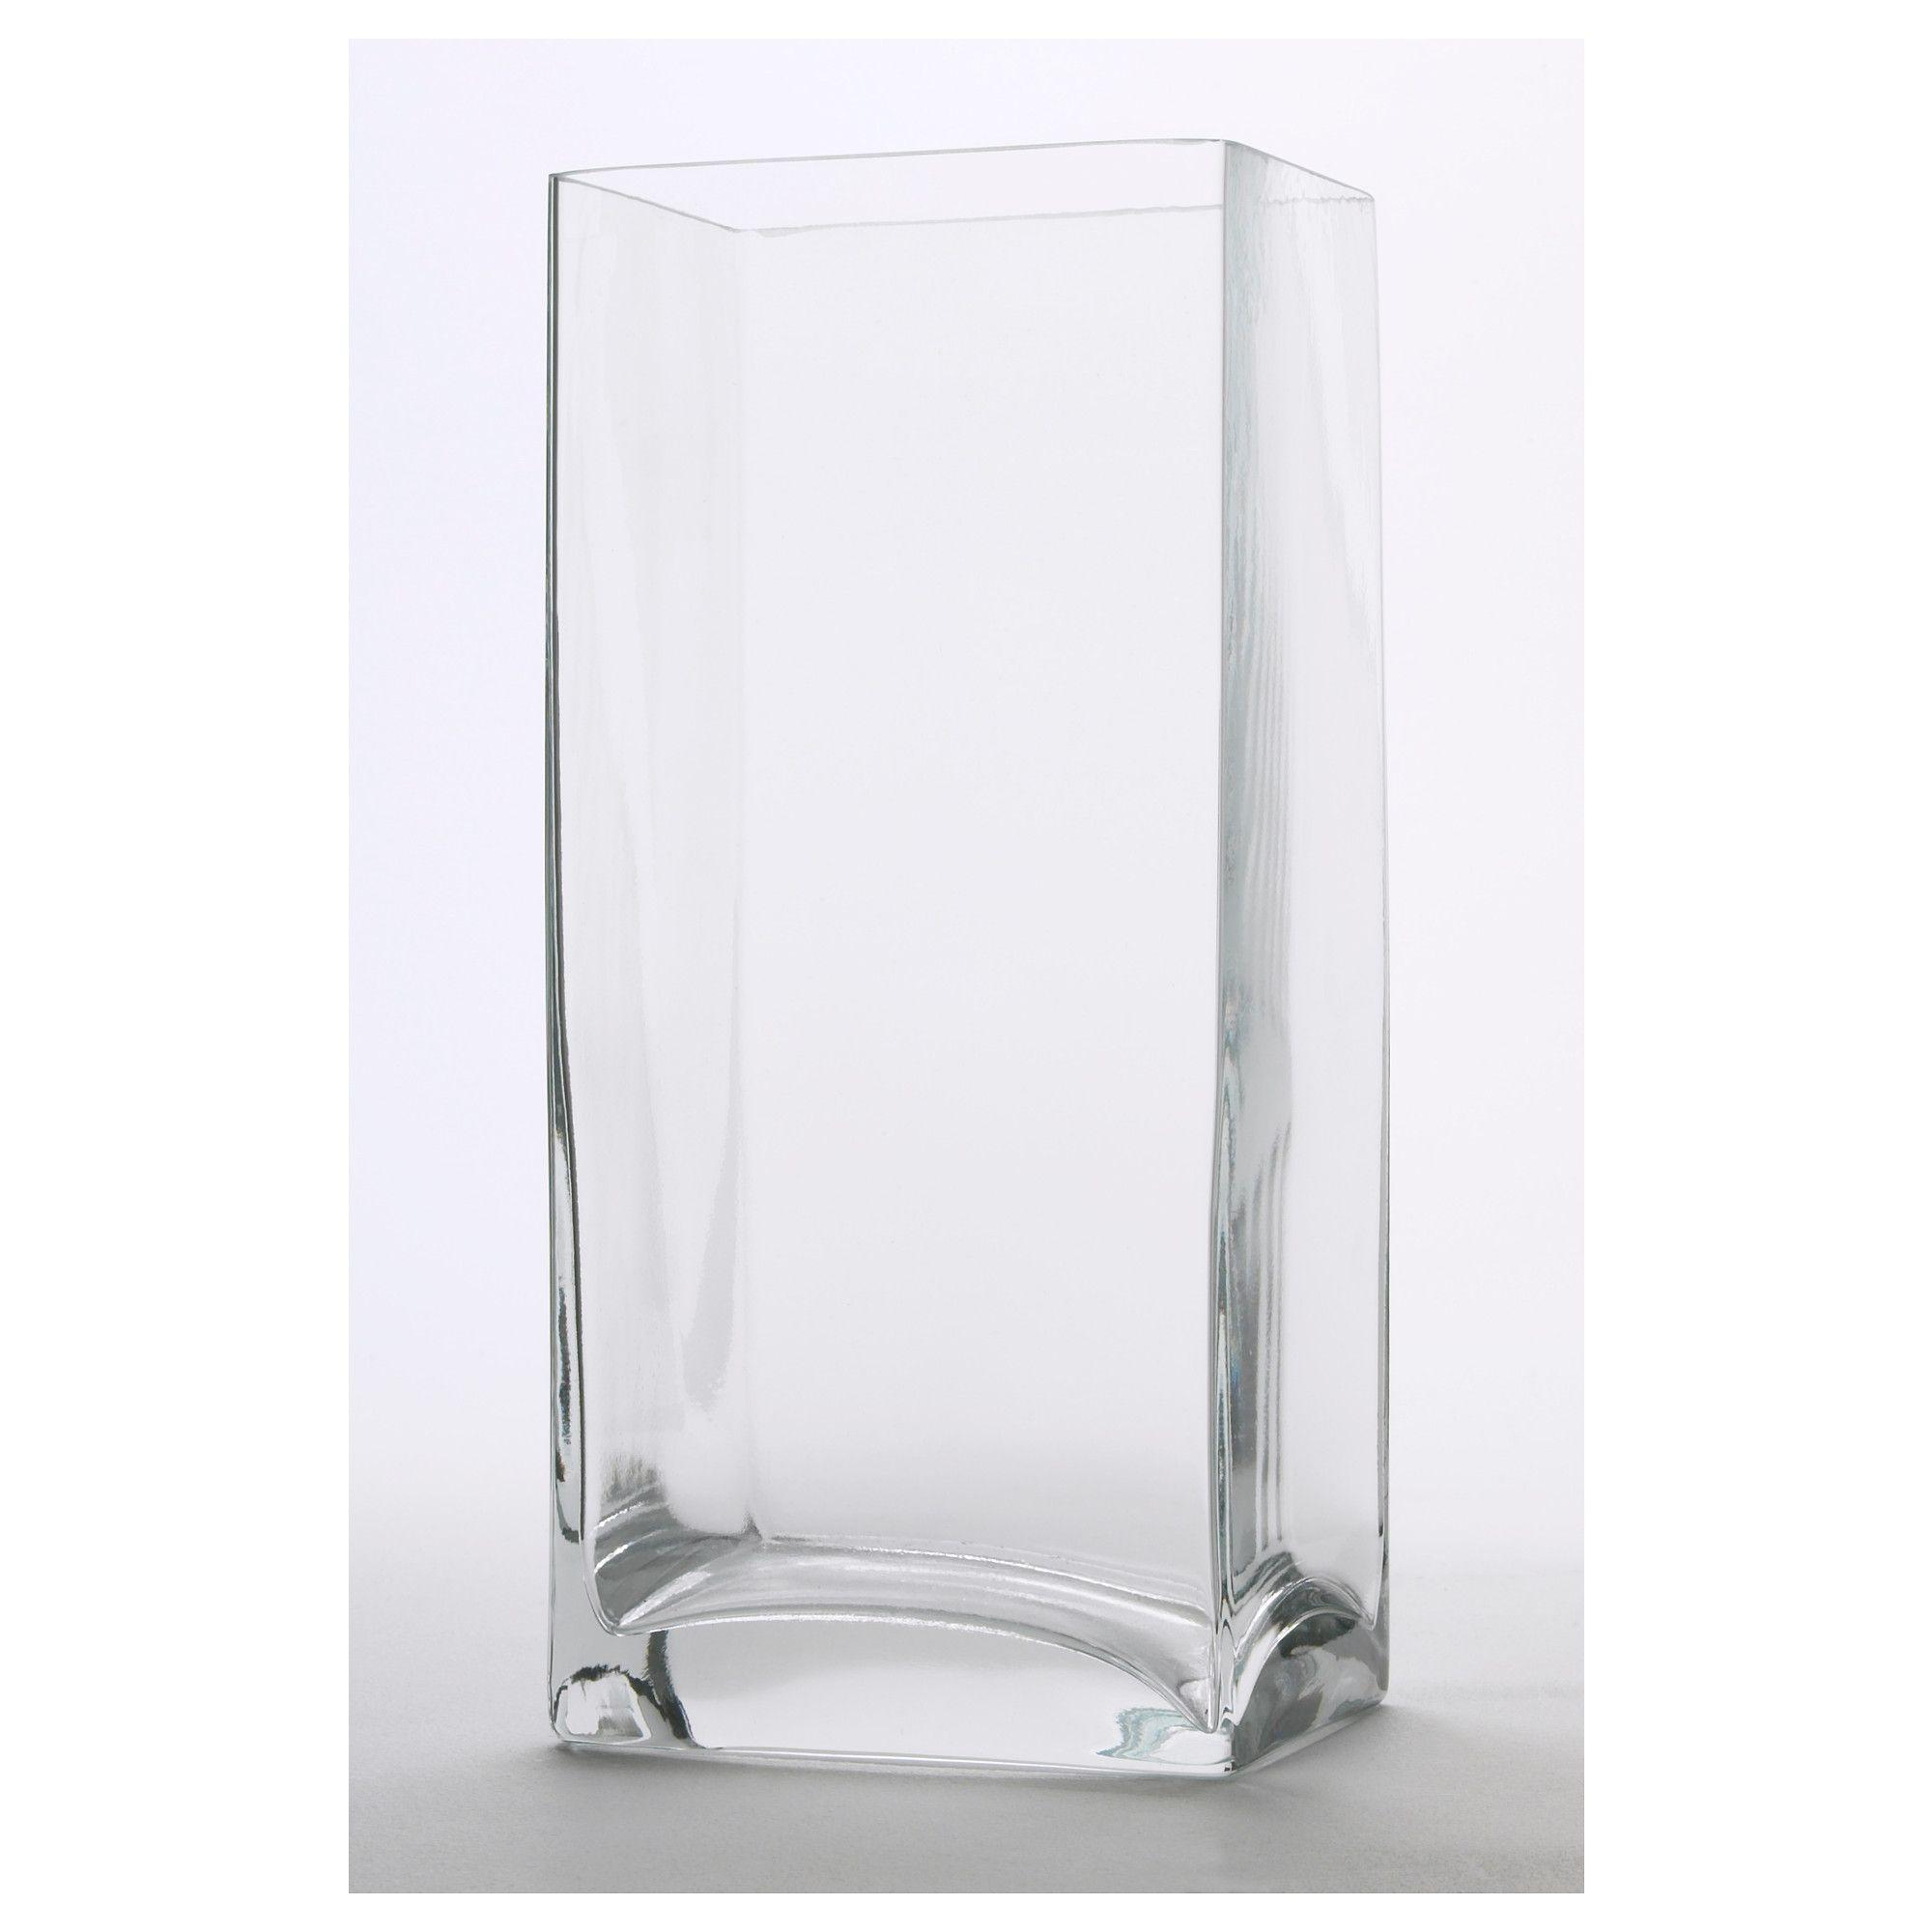 Vendita online vasi d'arredo moderni e di design adatti per l'arredamento di interni, esterni e giardino: Products Vetro Trasparente Decorazione Ikea Vaso In Vetro